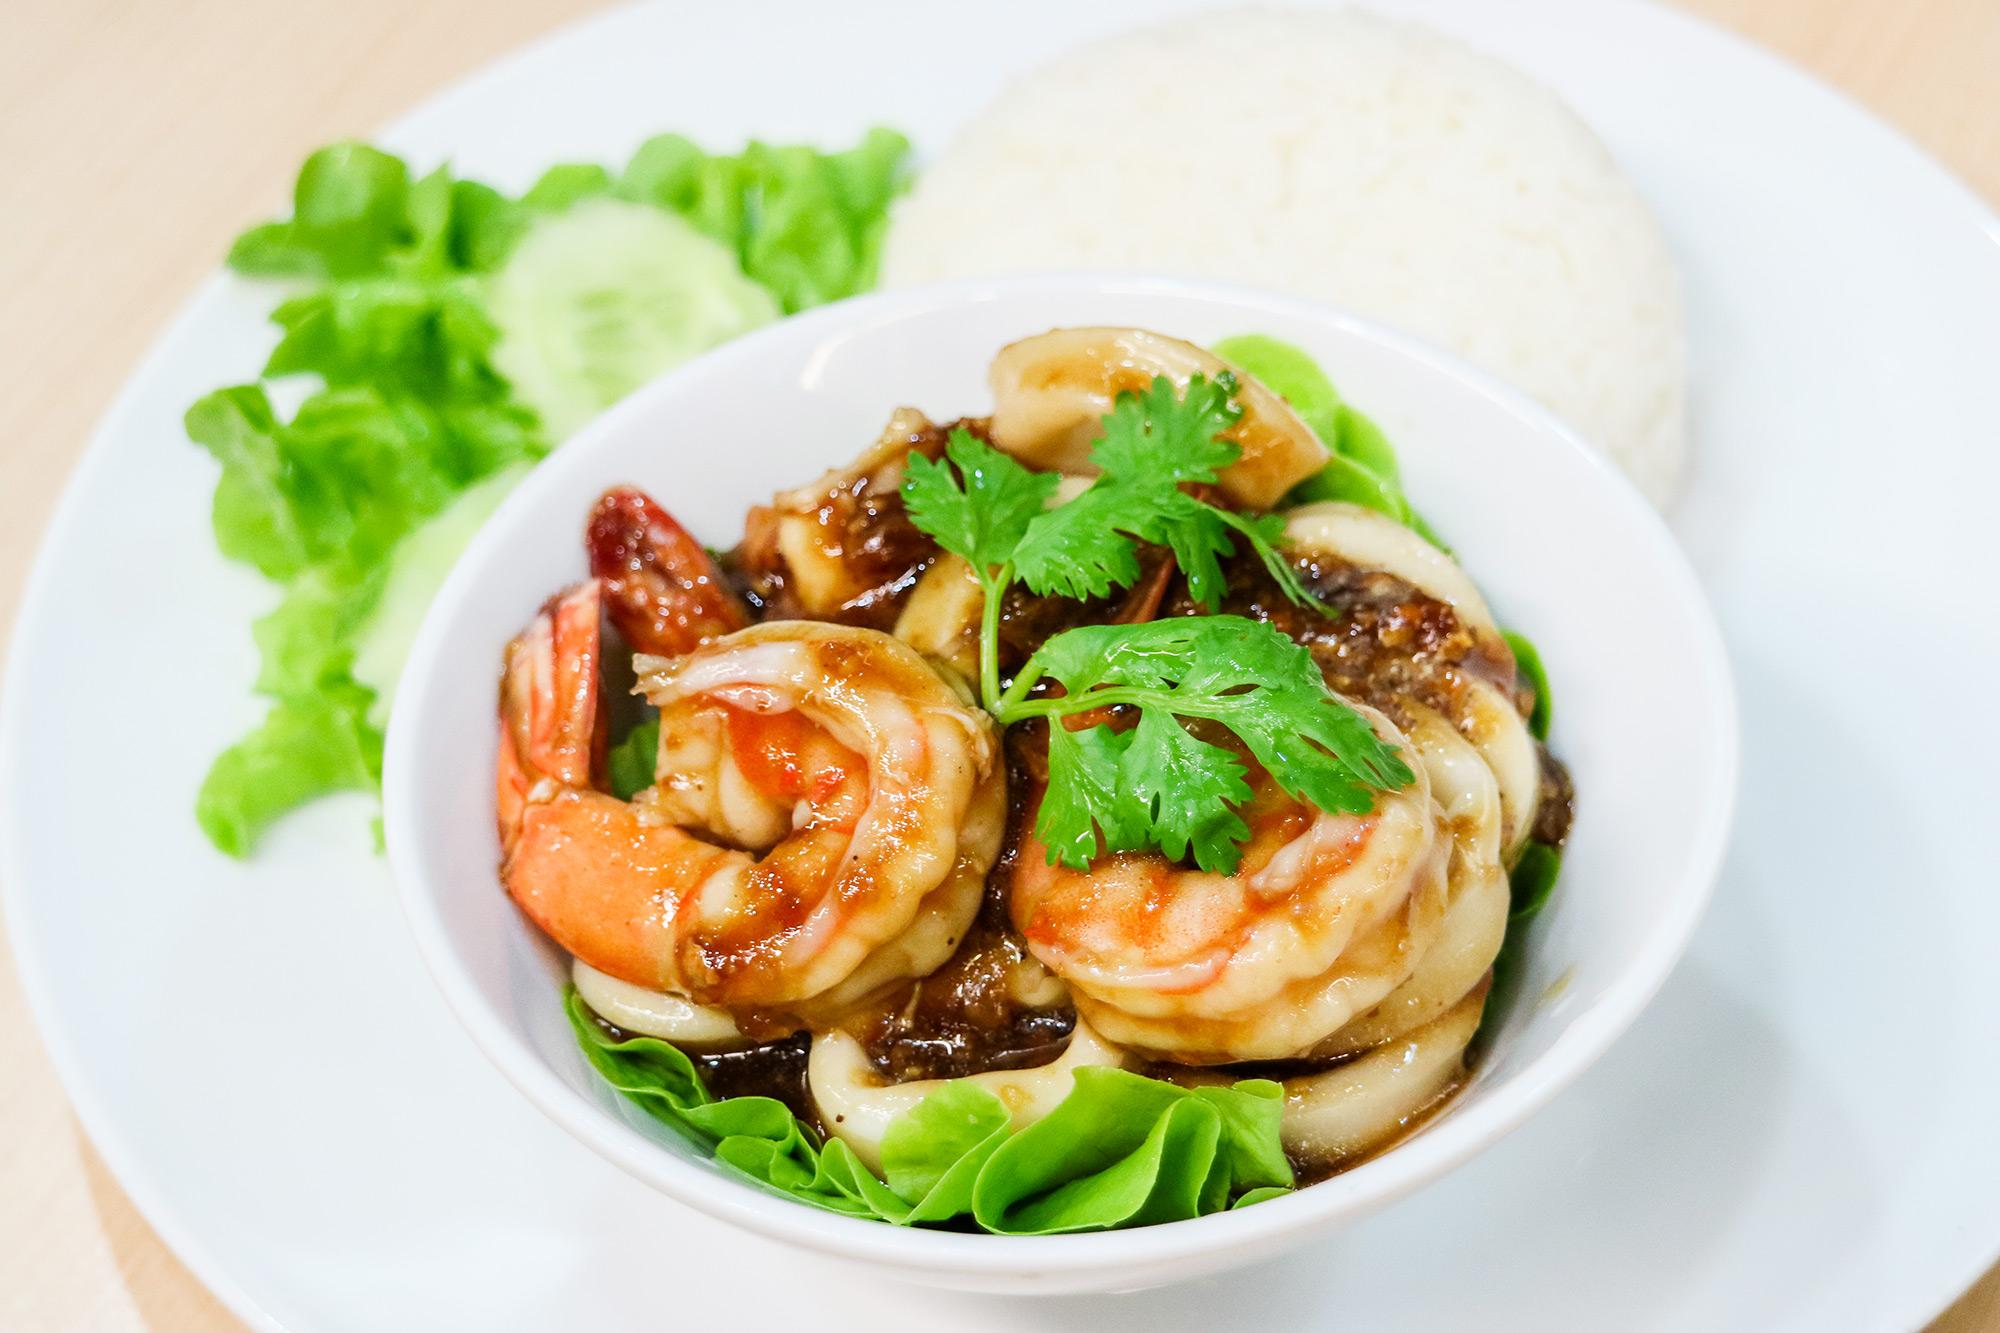 ซีฟู้ดส์ทอดกระเทียมพริกไทย  Thai Chef Express ท่าอากาศยานสุวรรณภูมิ IMG 1476